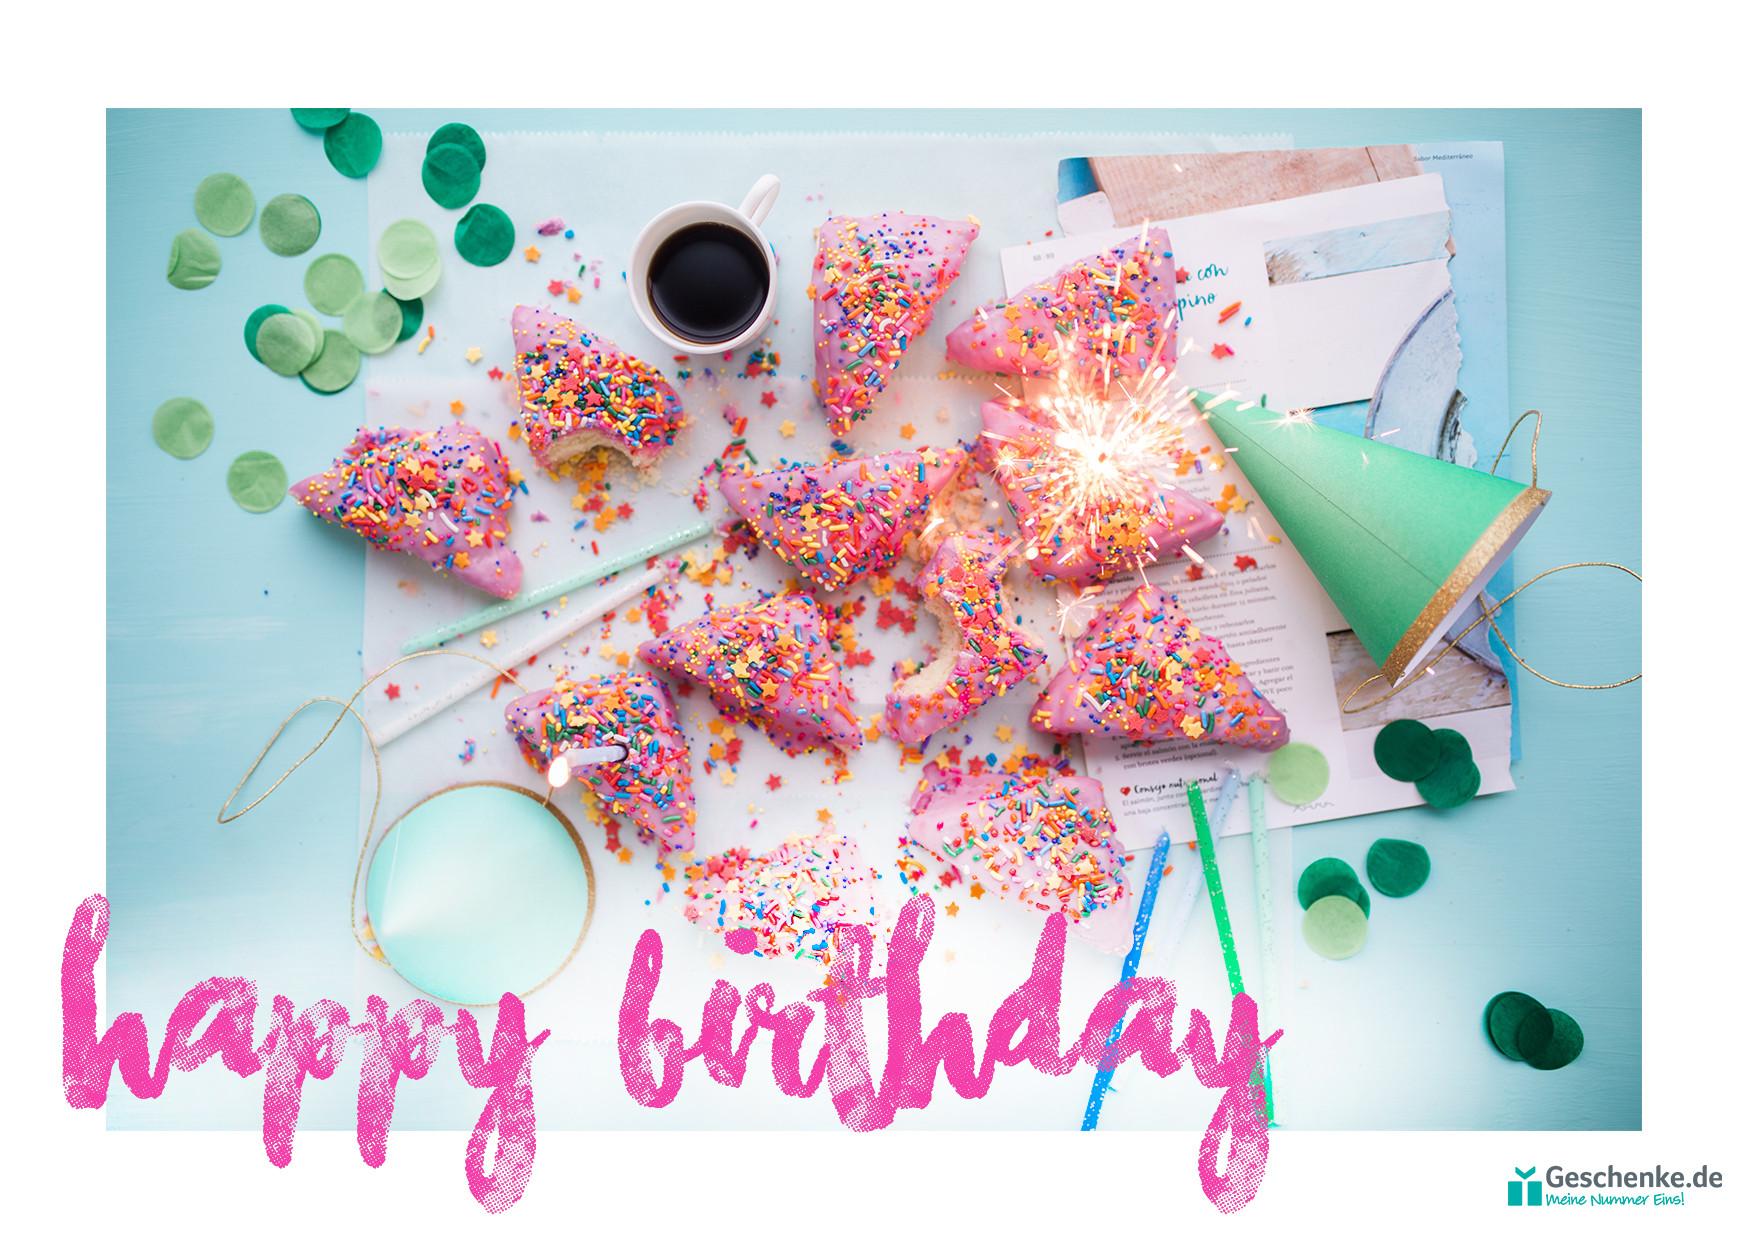 Kostenlose Geburtstagswünsche  Geburtstagsbilder Kostenlose Bilder zum Geburtstag